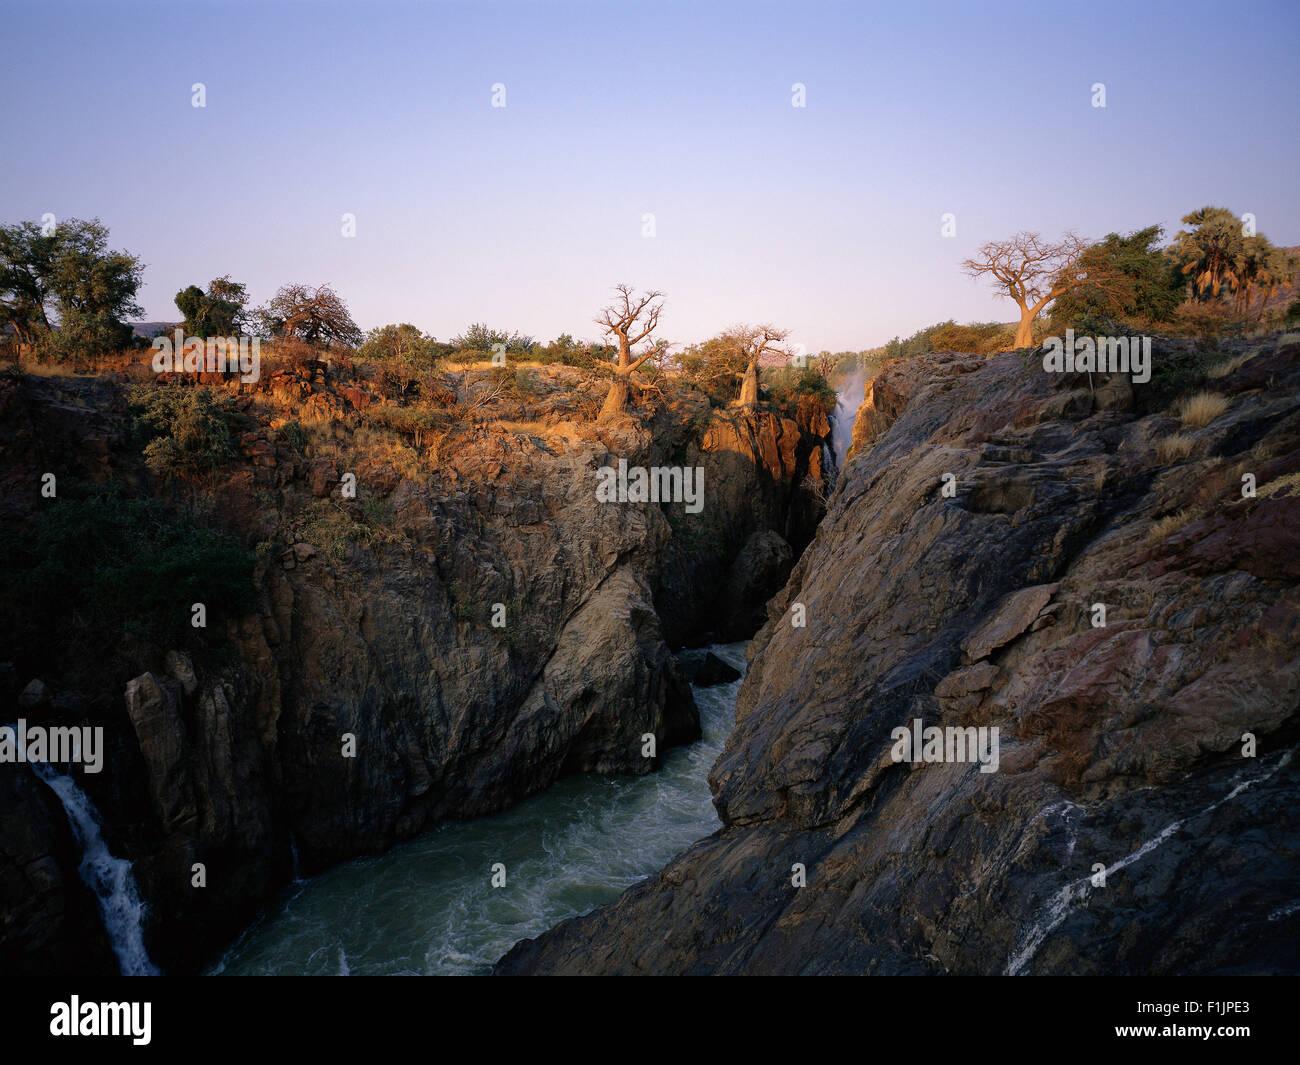 Landscape and Epupa Falls Kunene River, Namibia, Africa - Stock Image